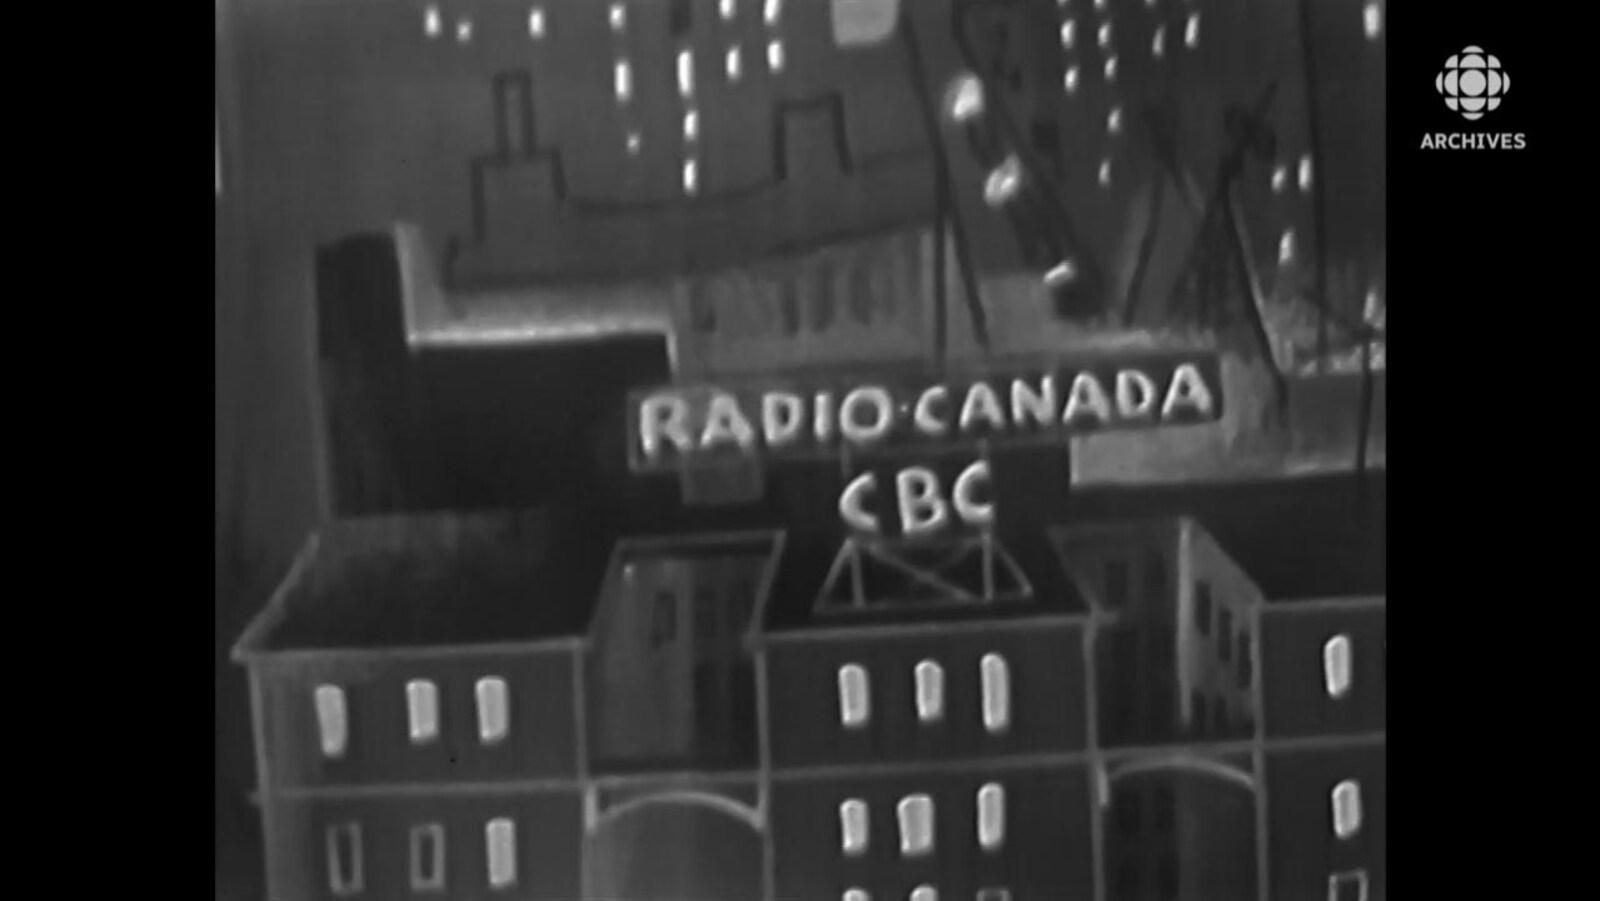 Dessin illustrant le centre-ville de Montréal avec en premier plan l'édifice de Radio-Canada et de CBC.